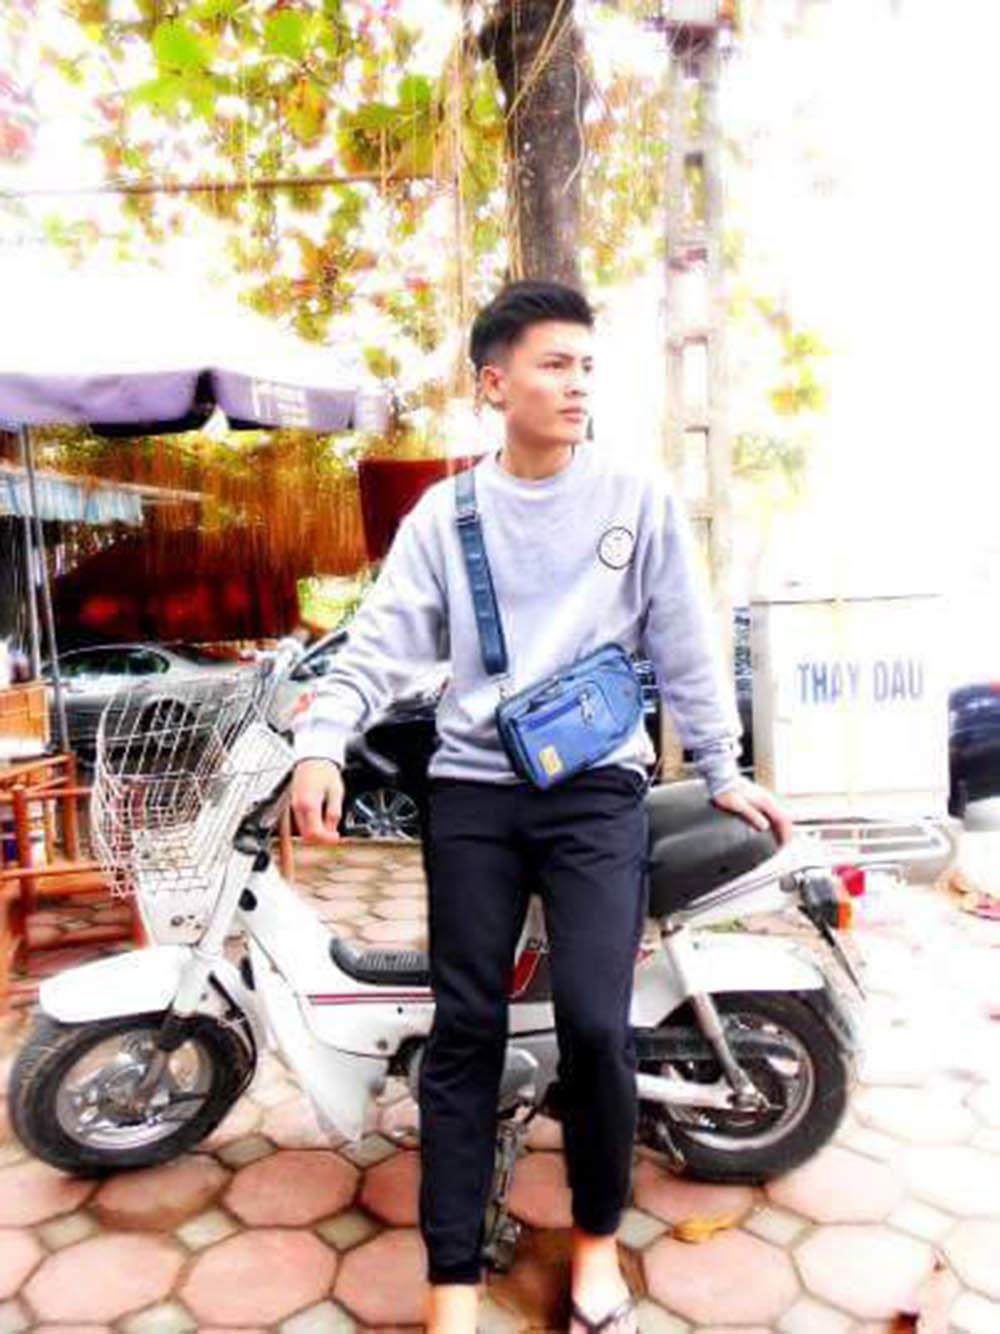 Anh trai cầu thủ Quang Hải làm thợ xăm ở Hà Nội